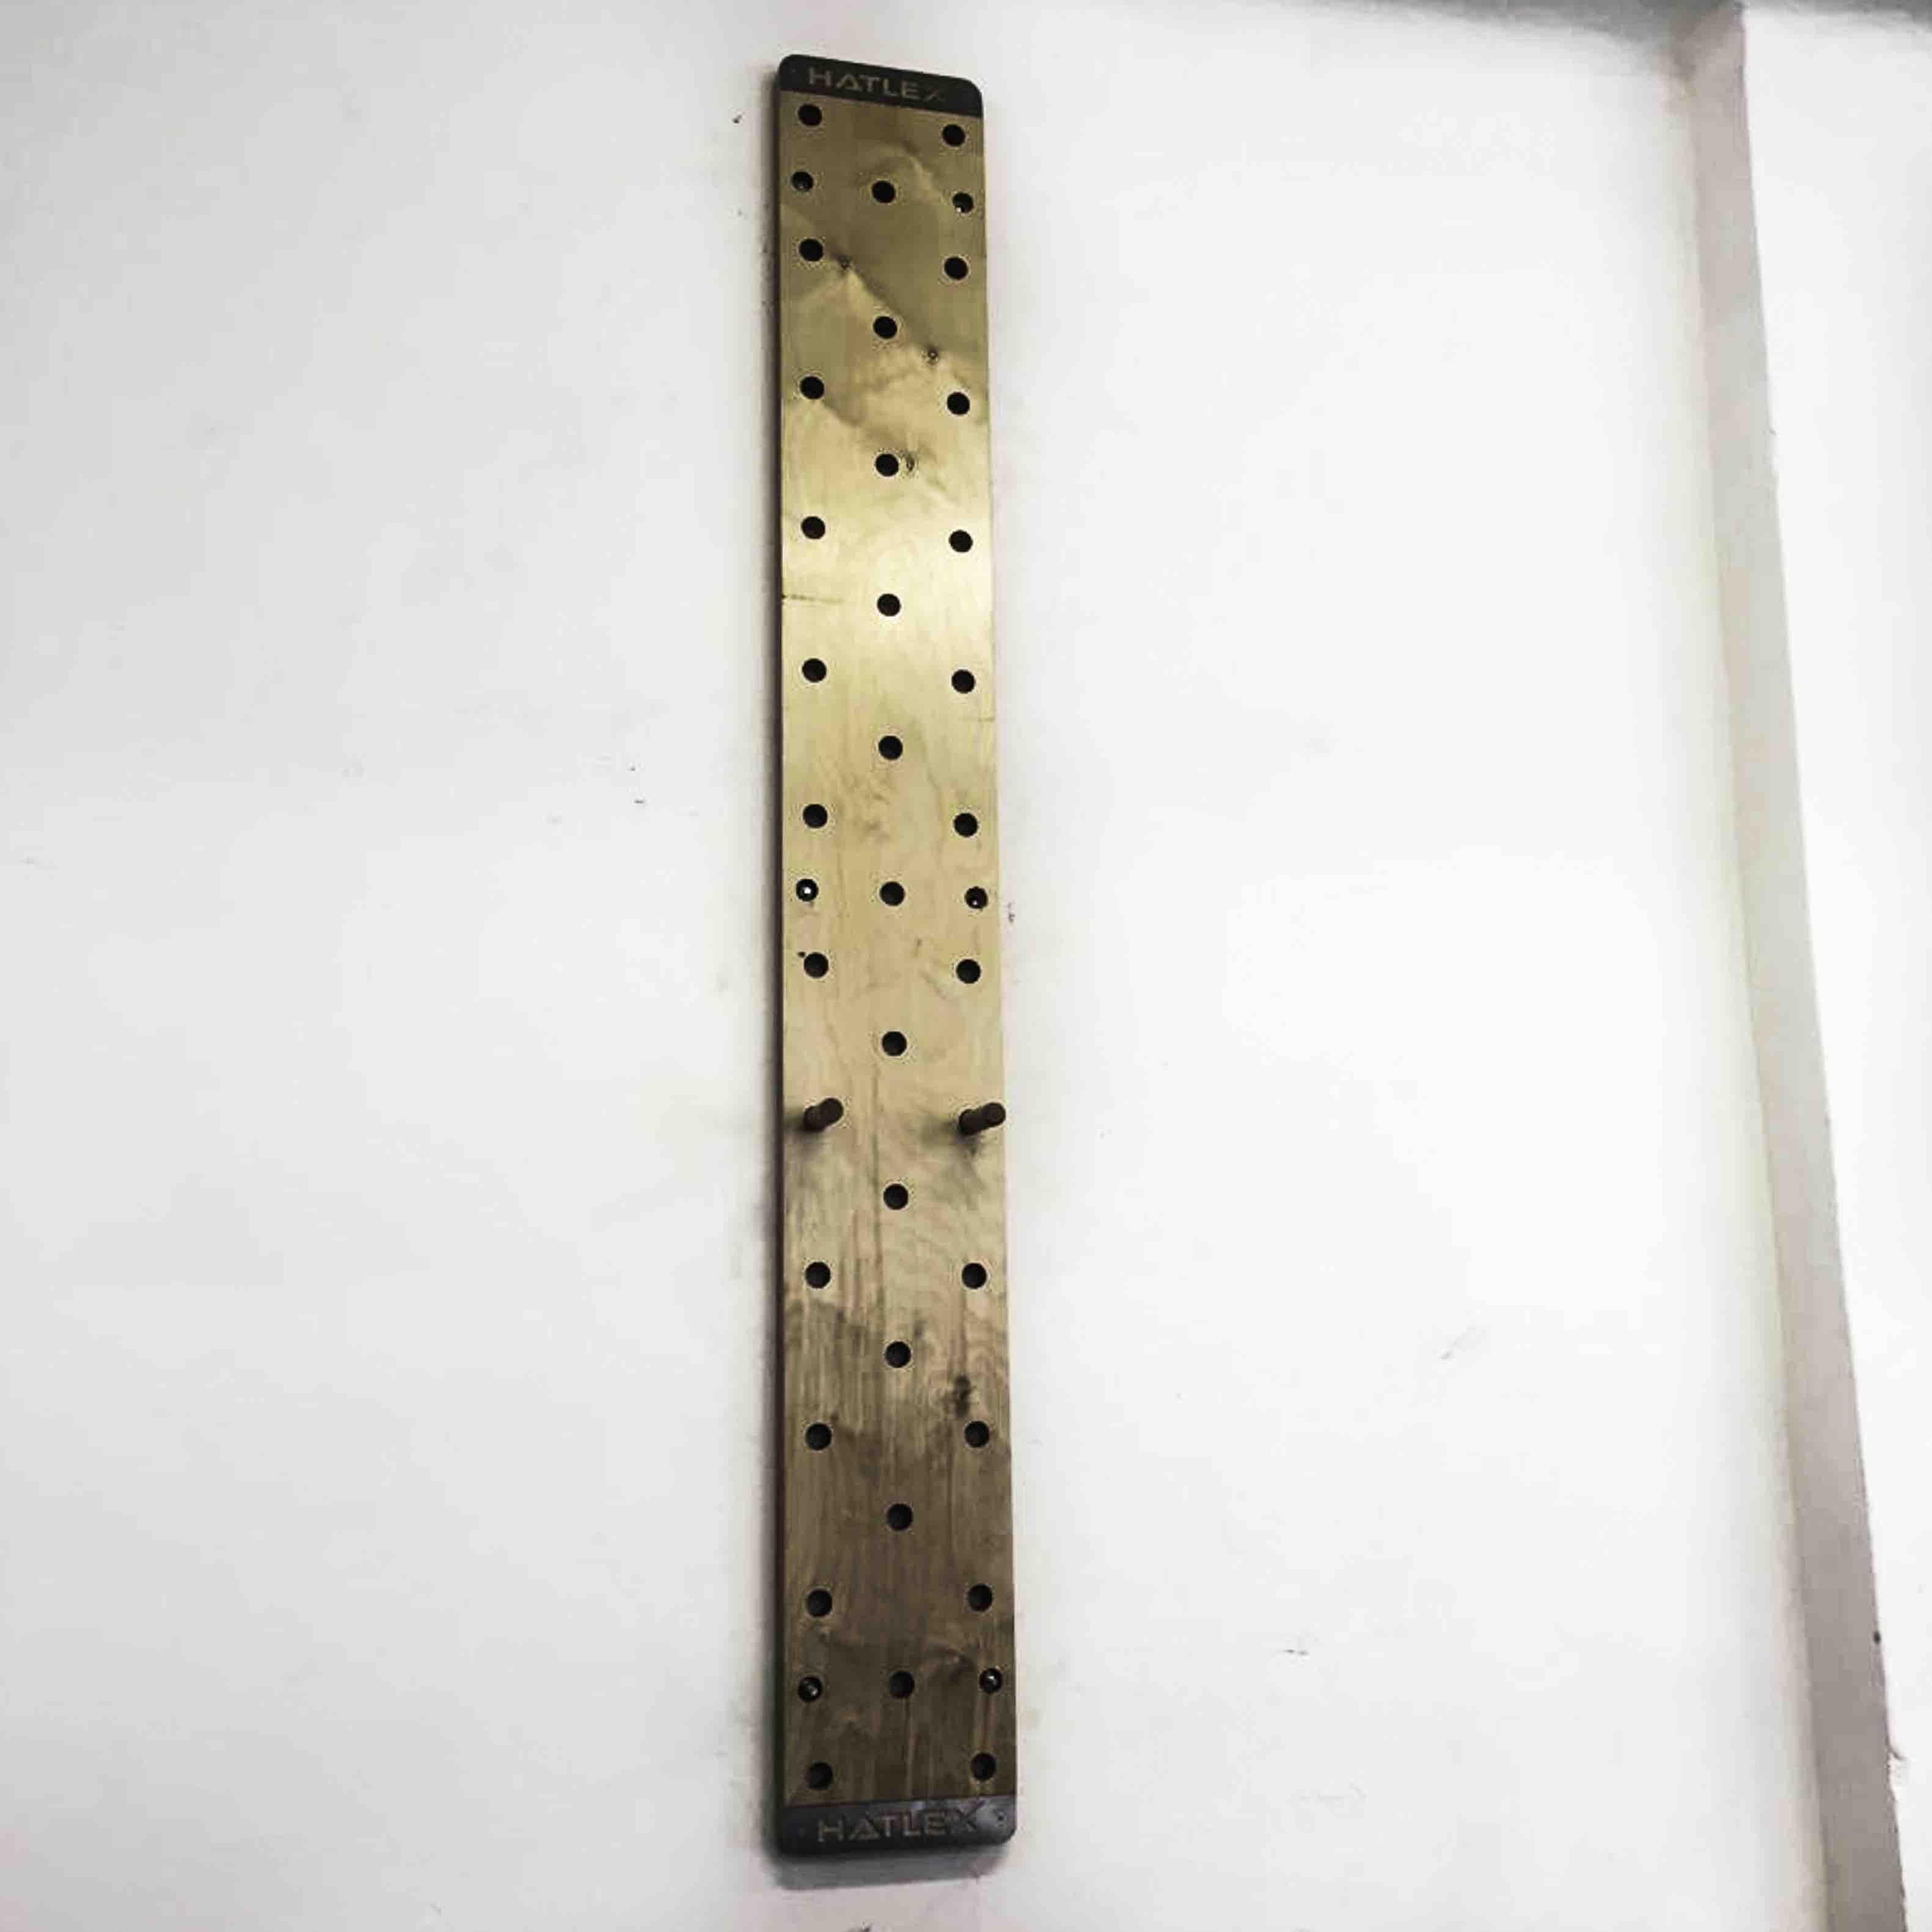 Hatlex Peg Board